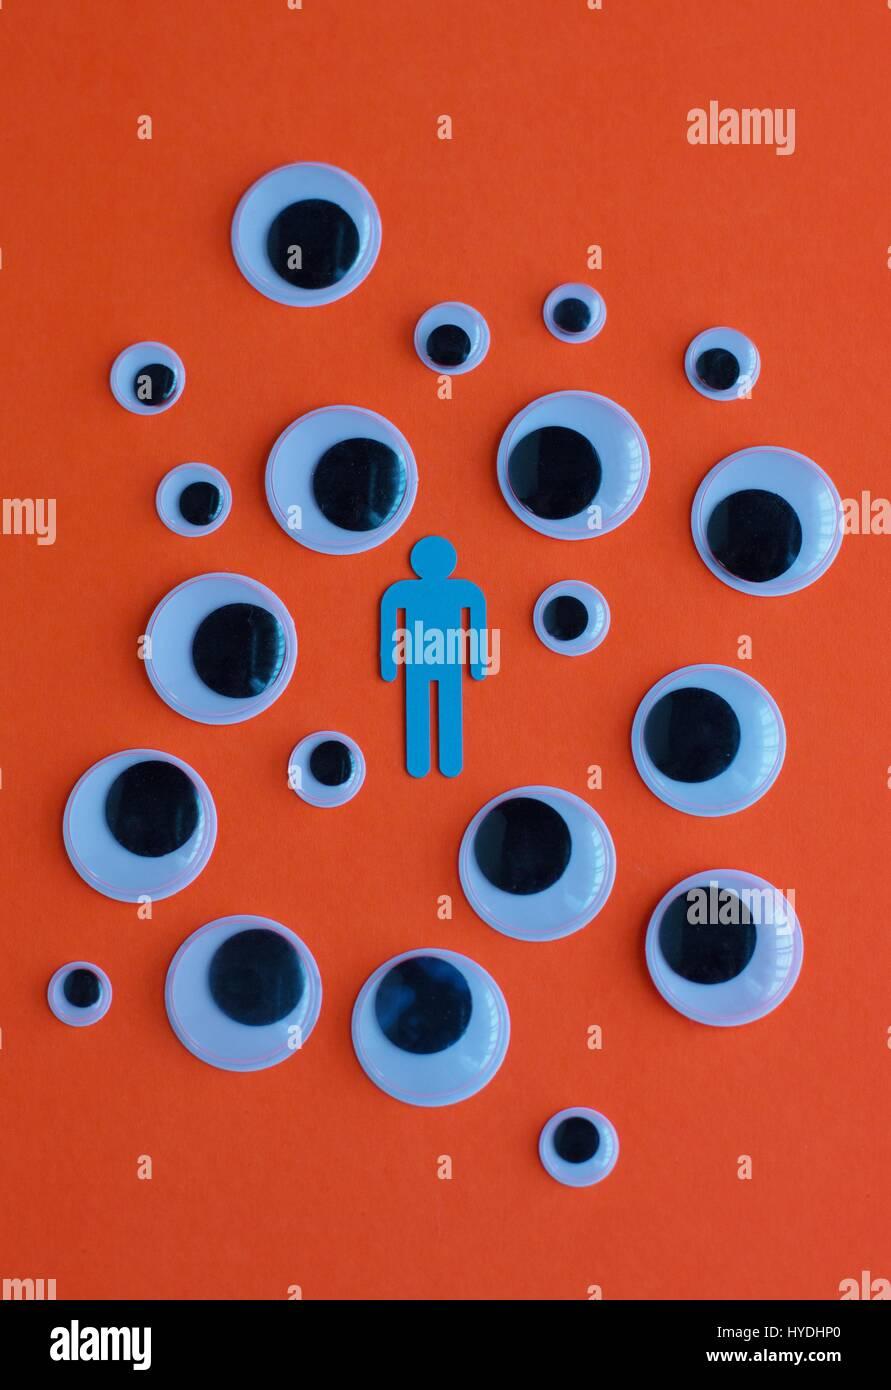 La figura de un hombre rodeado de ojos mirando a él. Imagen De Stock